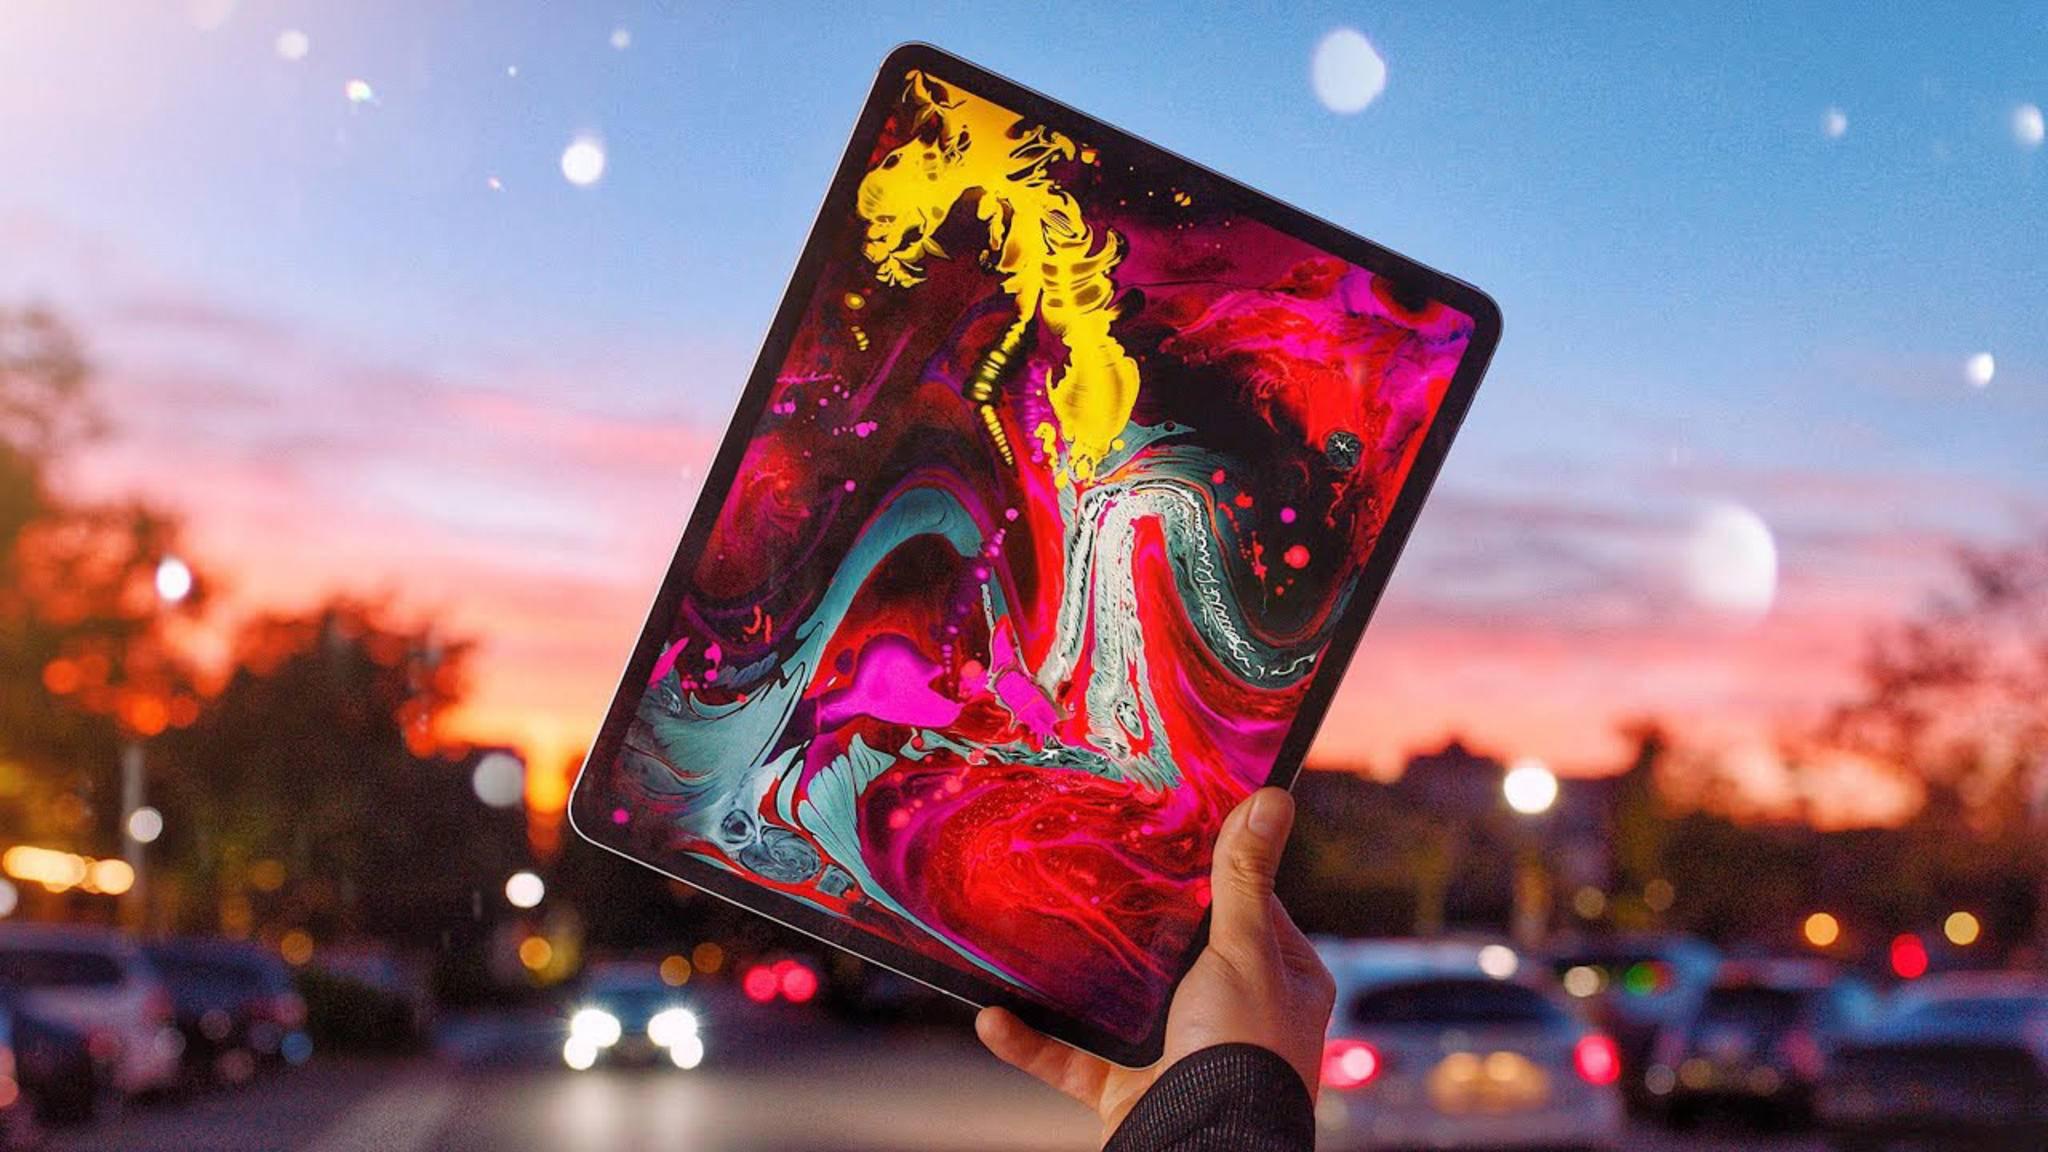 Vor allem der brillante LCD-Bildschirm des iPad Pro wird gelobt.